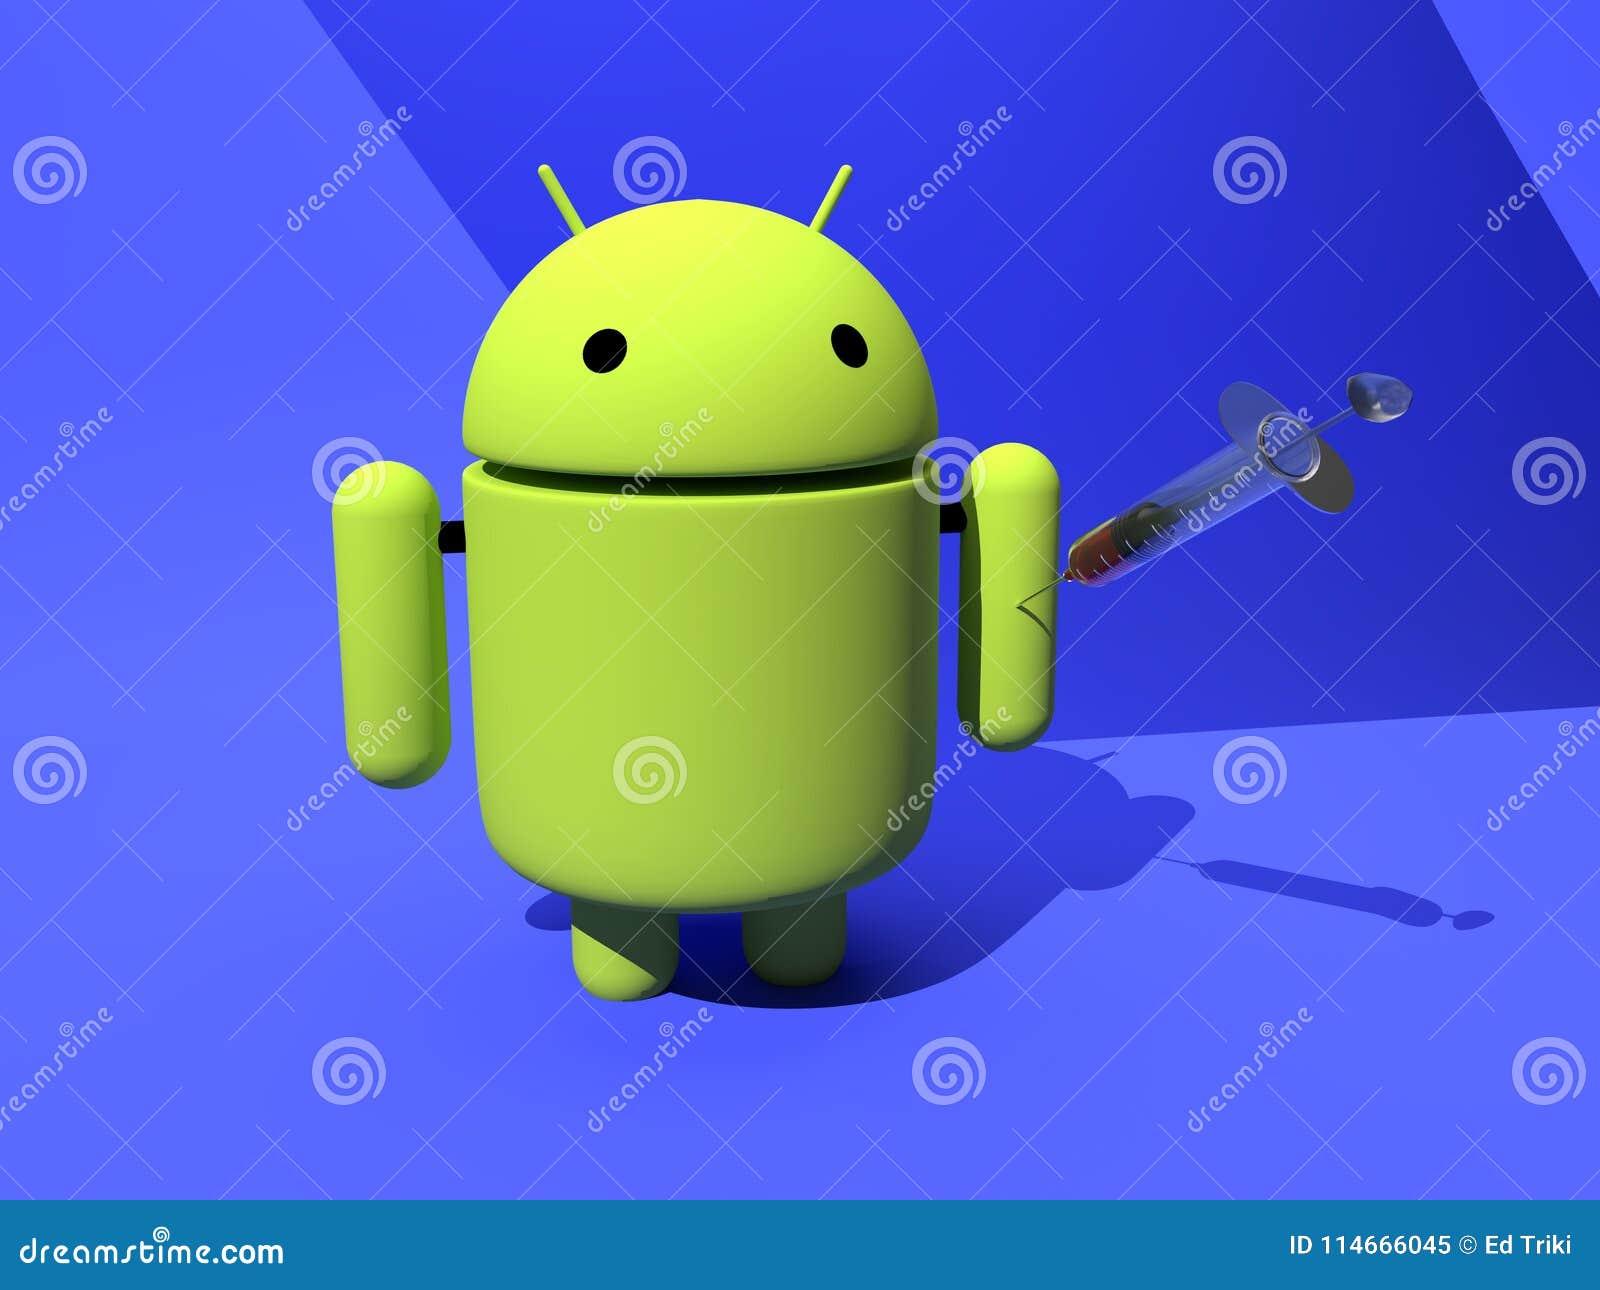 Android-vaccinbescherming tegen malware, virus - 3D illustratie